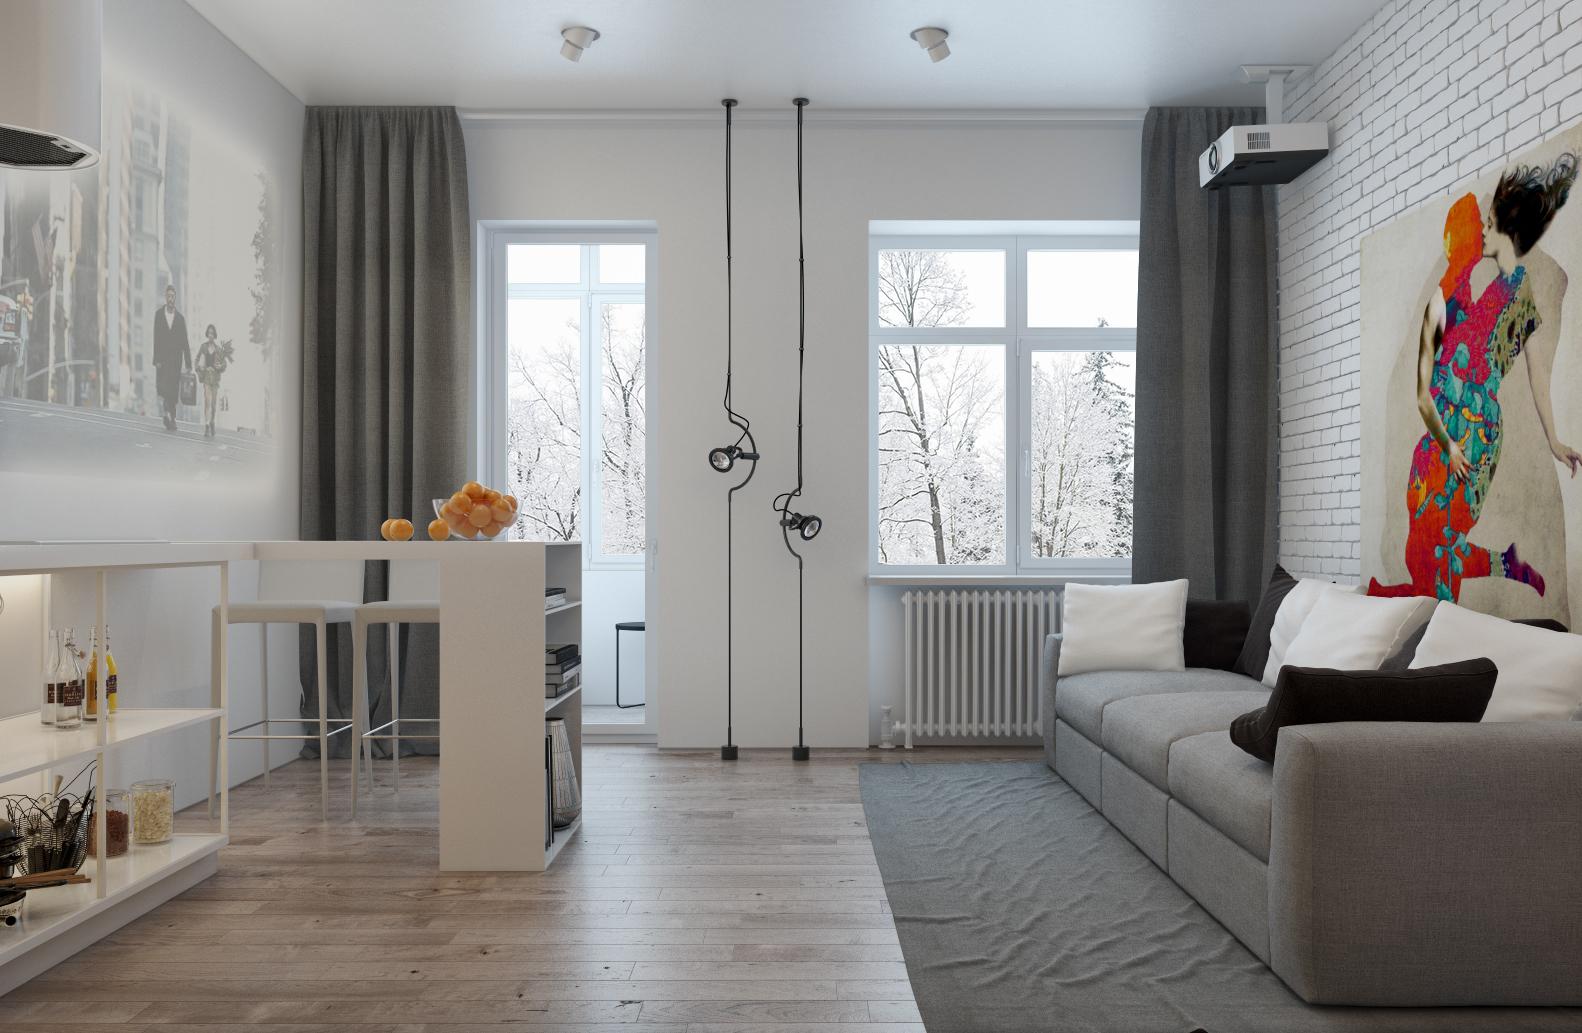 500 Sq Ft Studio Apartment Design | Studio Apartment Design Ideas ...